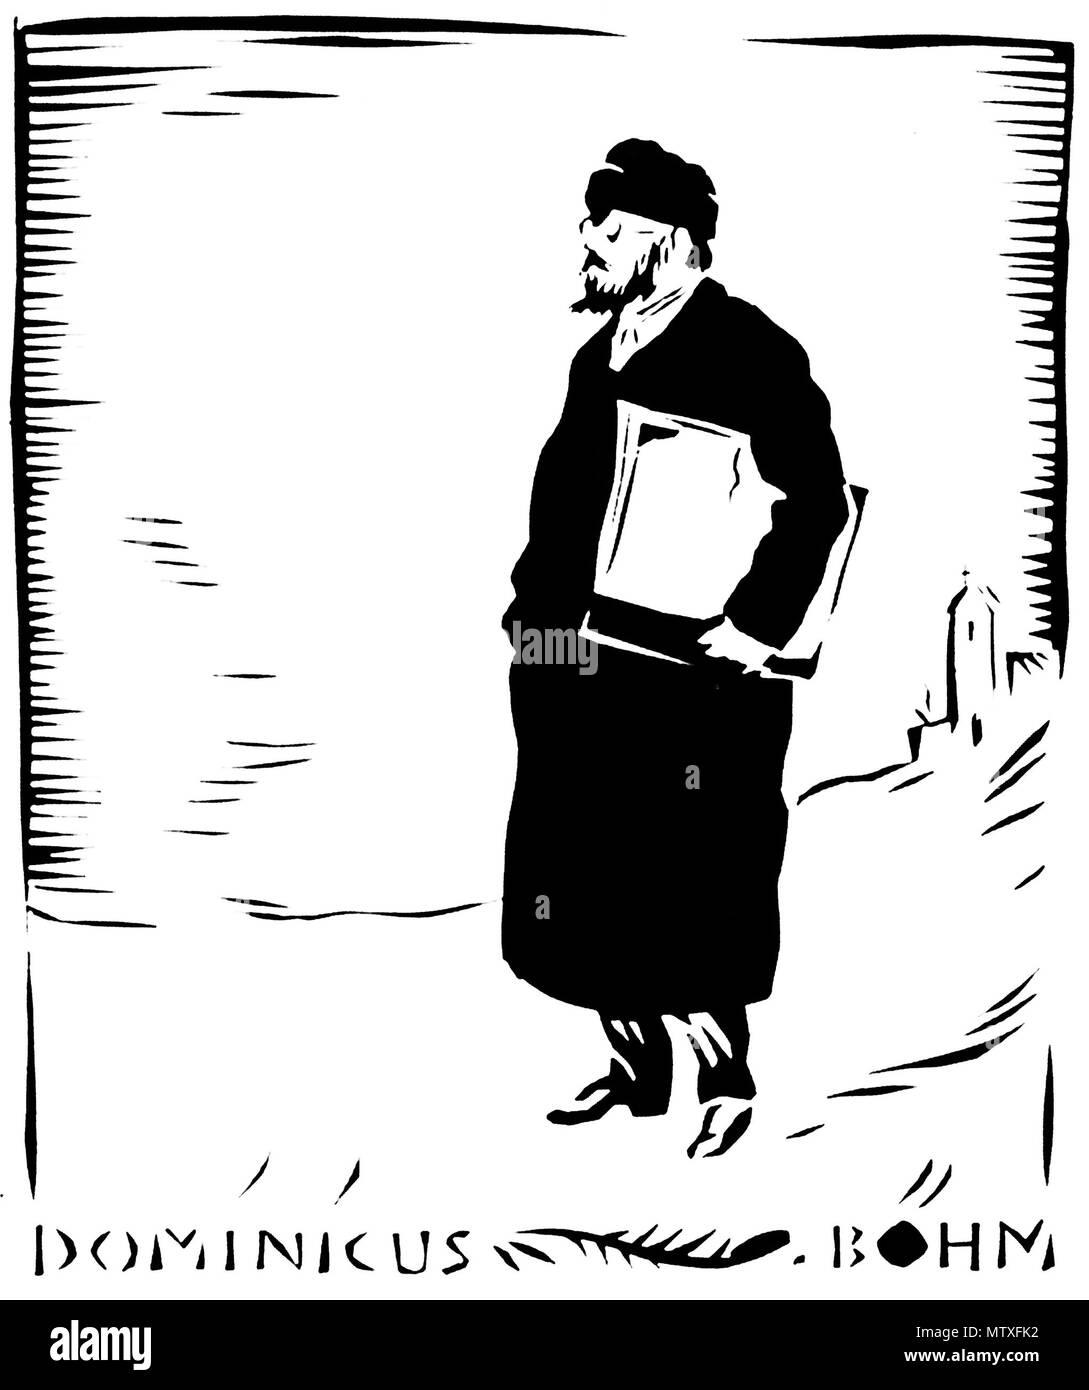 . Deutsch: Scherenschnitt des Architekten Dominikus Böhm, Künstler: Rudolf Koch . 1919. Rudolf Koch († 1934) 545 Scherenschnitt dominikus boehm by rudolf koch 1919 Stock Photo